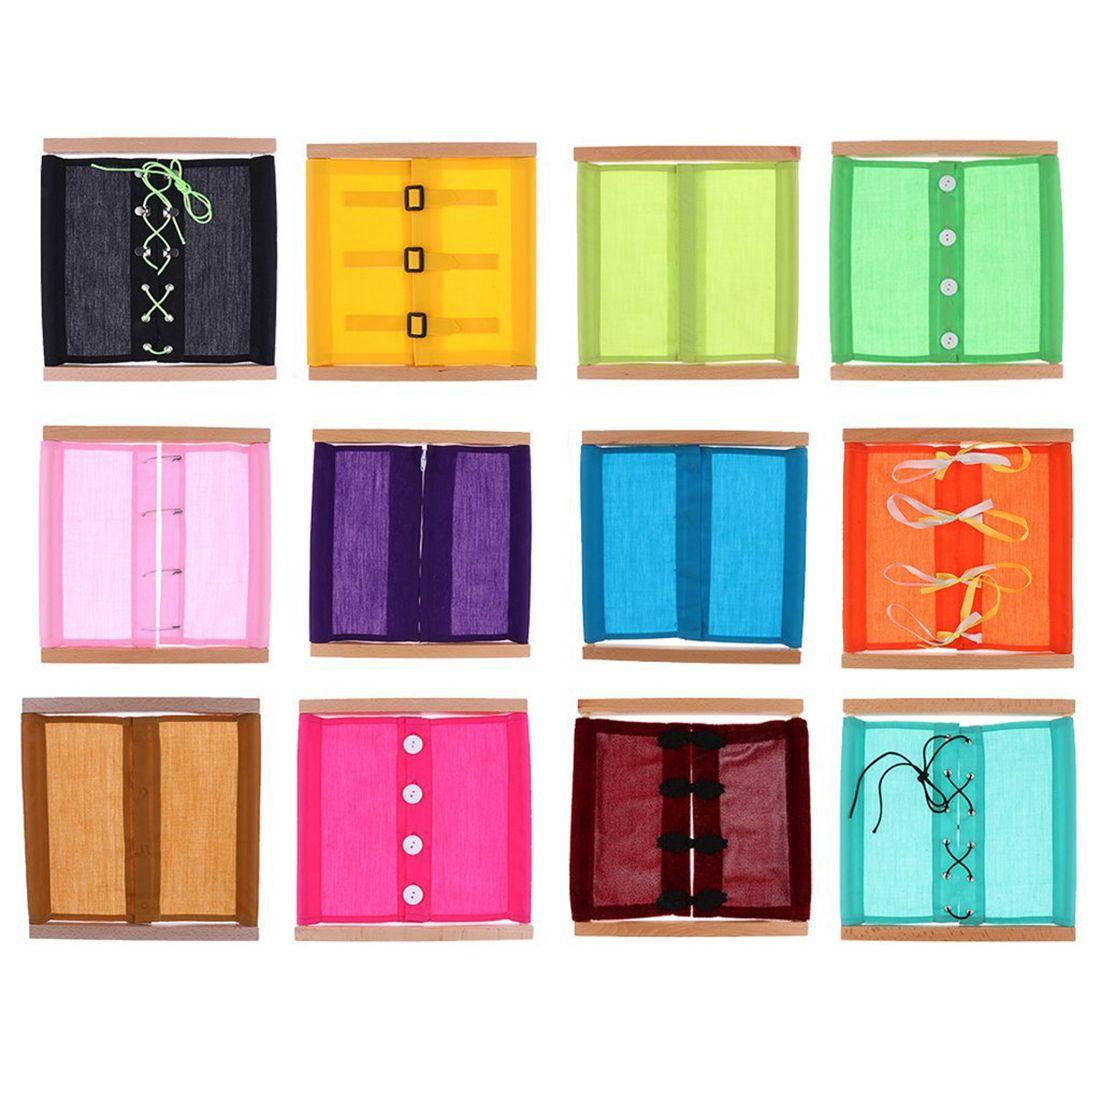 AINY-12pcs matériel Montessori Vie pratique l'éducation préscolaire enfants de jouet en bois